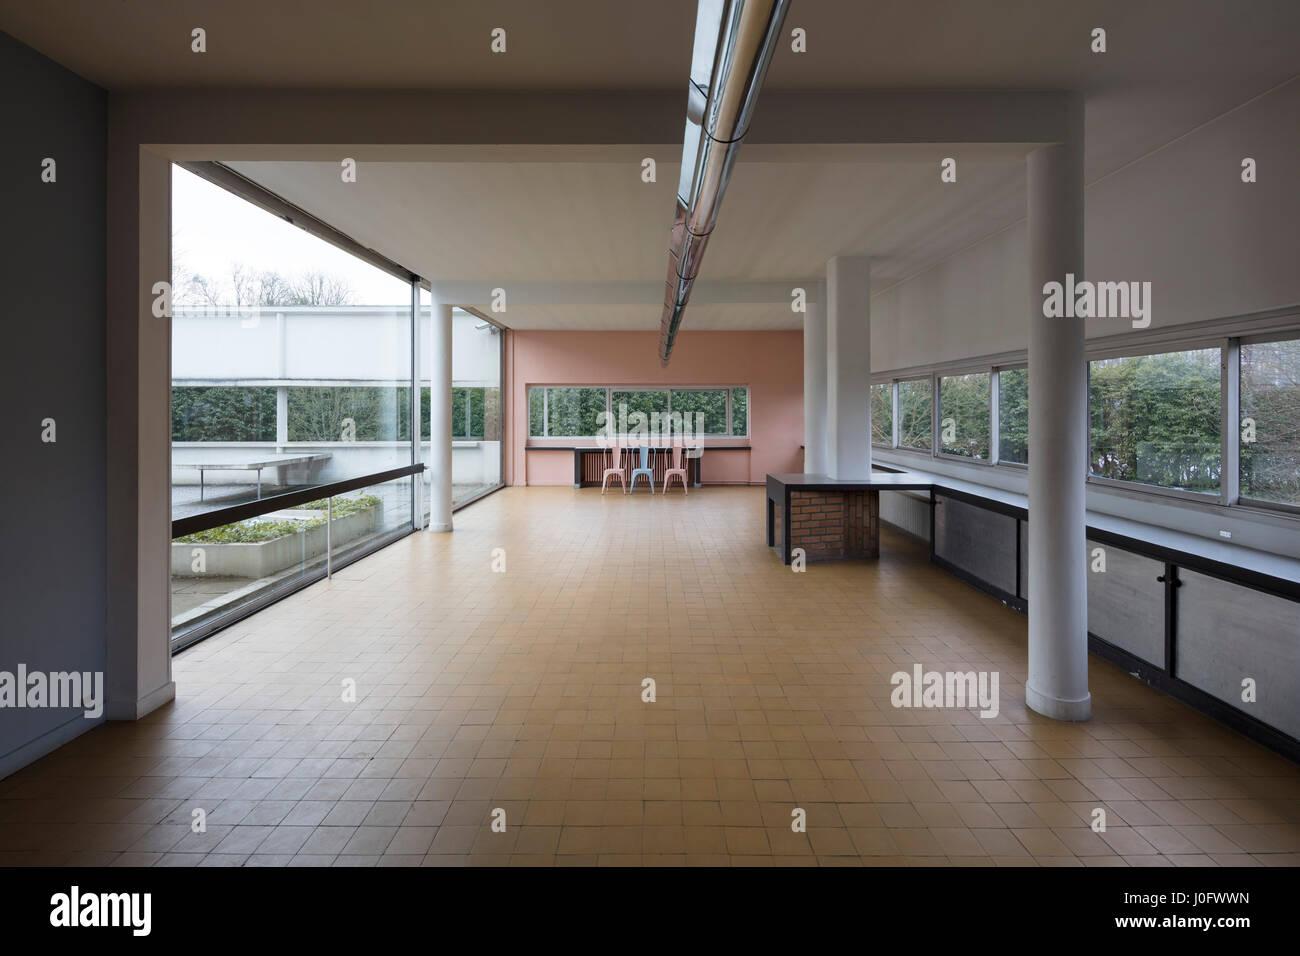 Living room villa savoye at poissy france modernist architectural stock ph - Villa savoye poissy francia ...